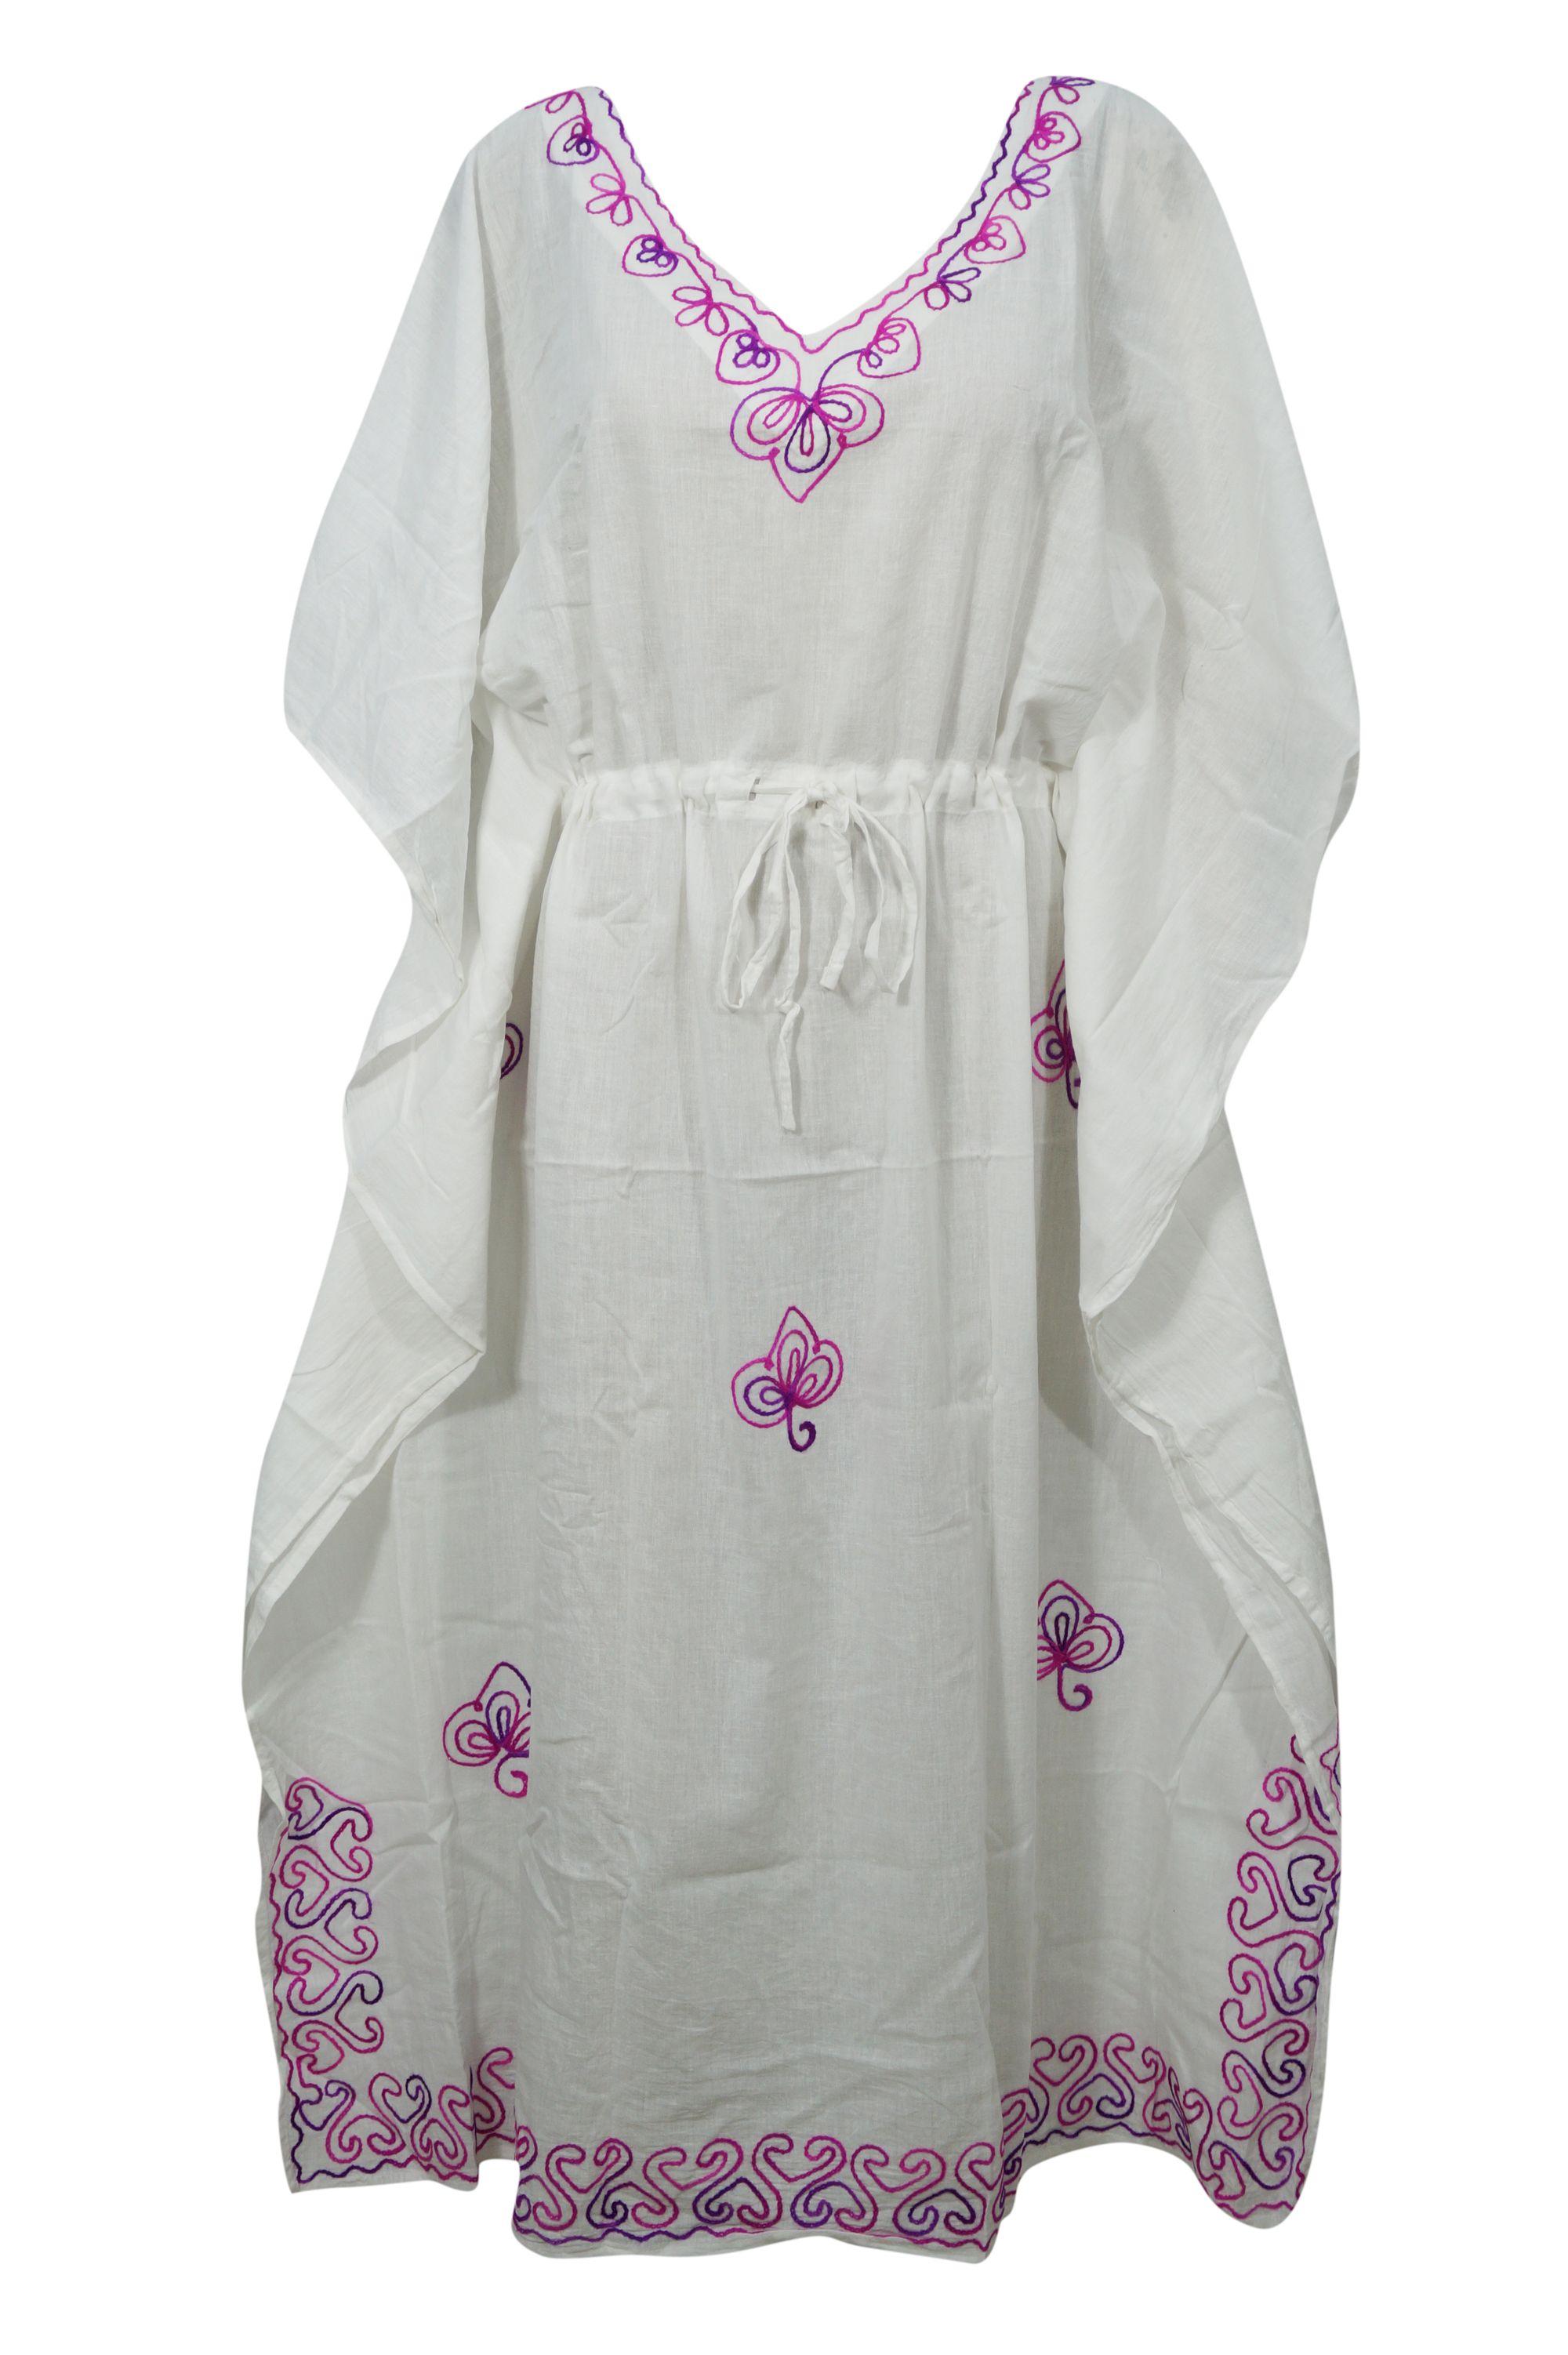 134e1a82d6 Mogul Interior - Mogul White Kimono Sleeve V Neck Cotton Beach Caftans  Bikini Cover Ups Sexy